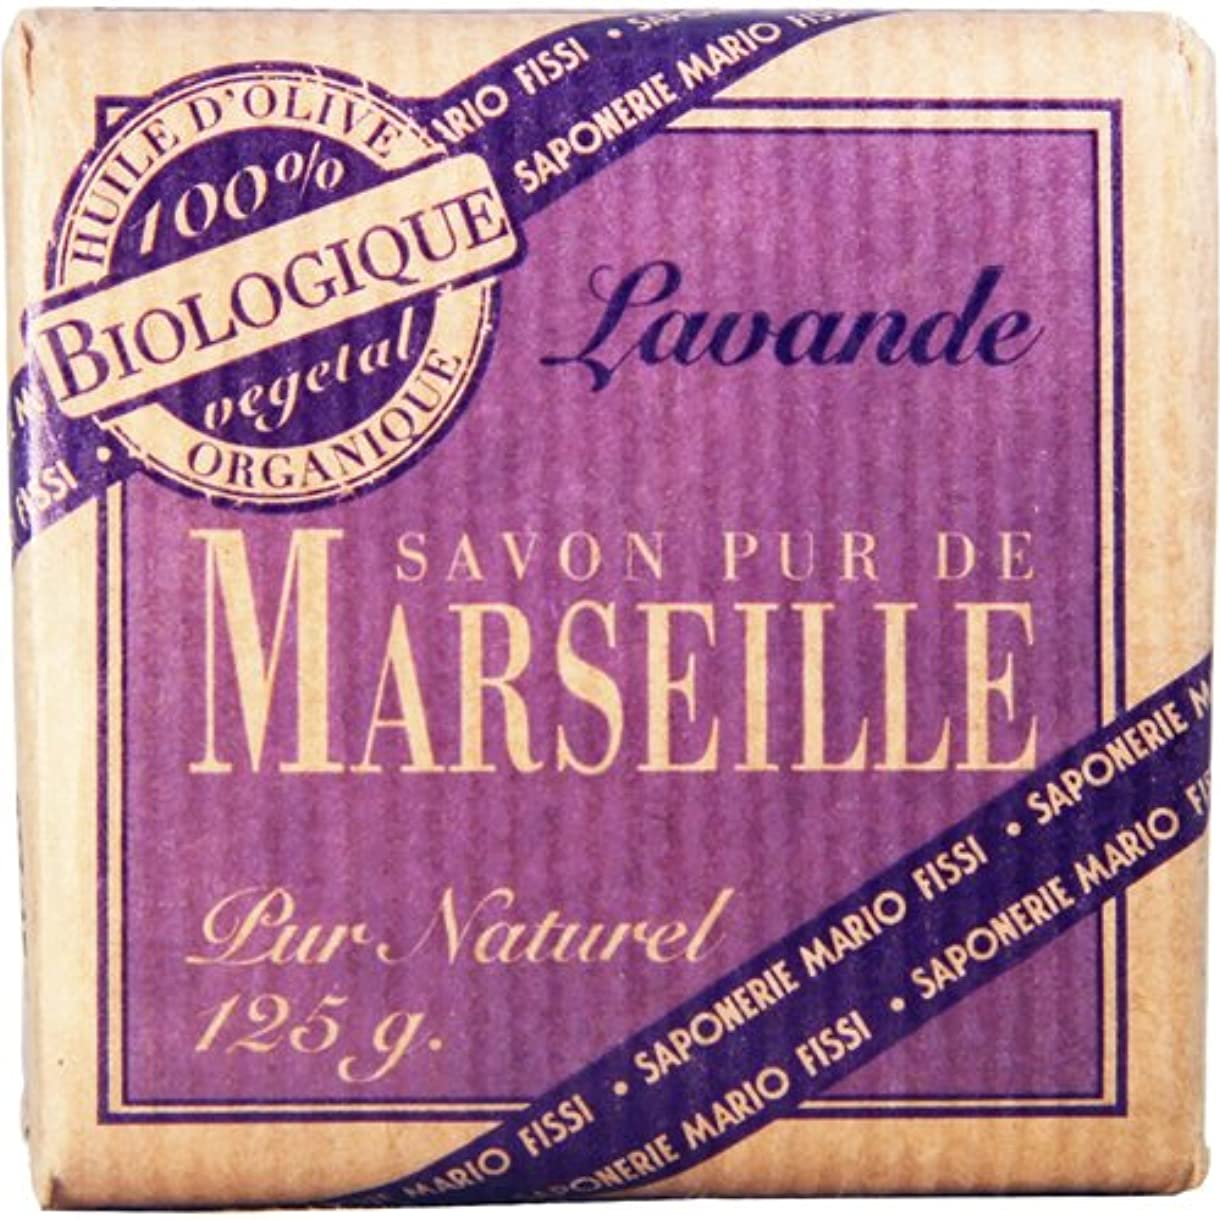 アブストラクトおなかがすいた医療のSaponerire Fissi マルセイユシリーズ マルセイユソープ 125g Lavender ラベンダー